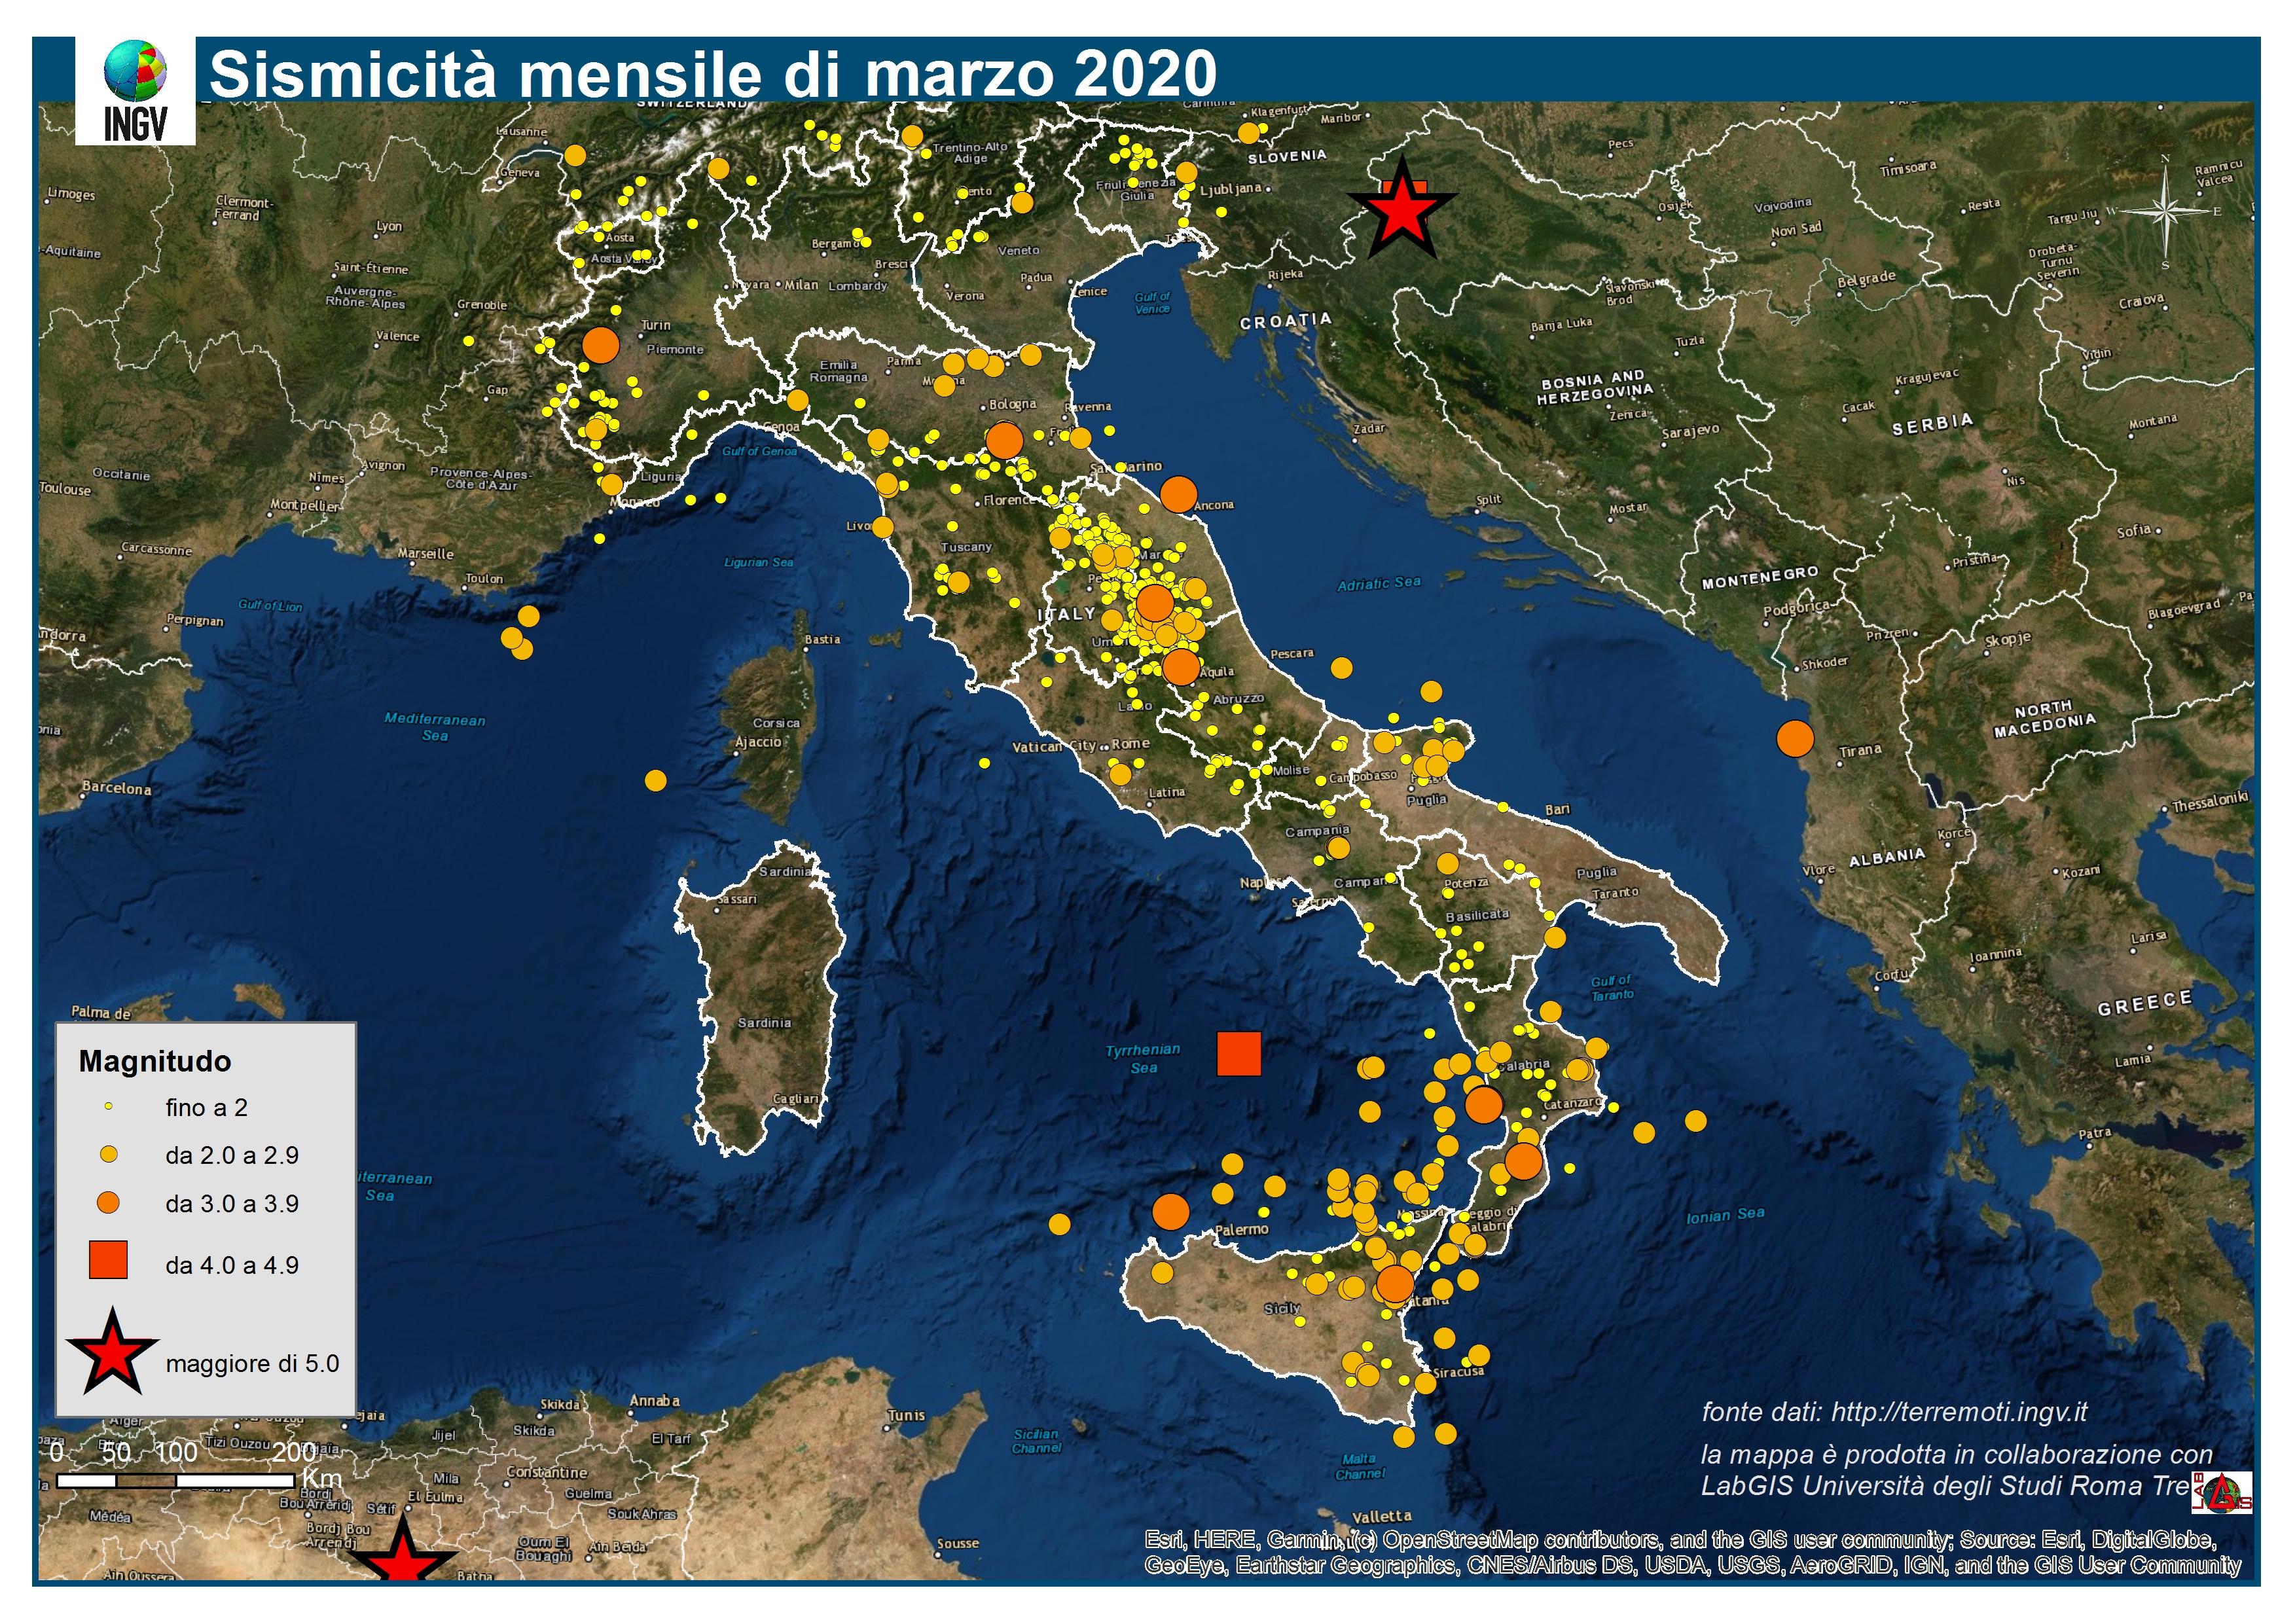 Cartina Italia Terremoti.Le Mappe Mensili Della Sismicita Marzo 2020 Ingvterremoti